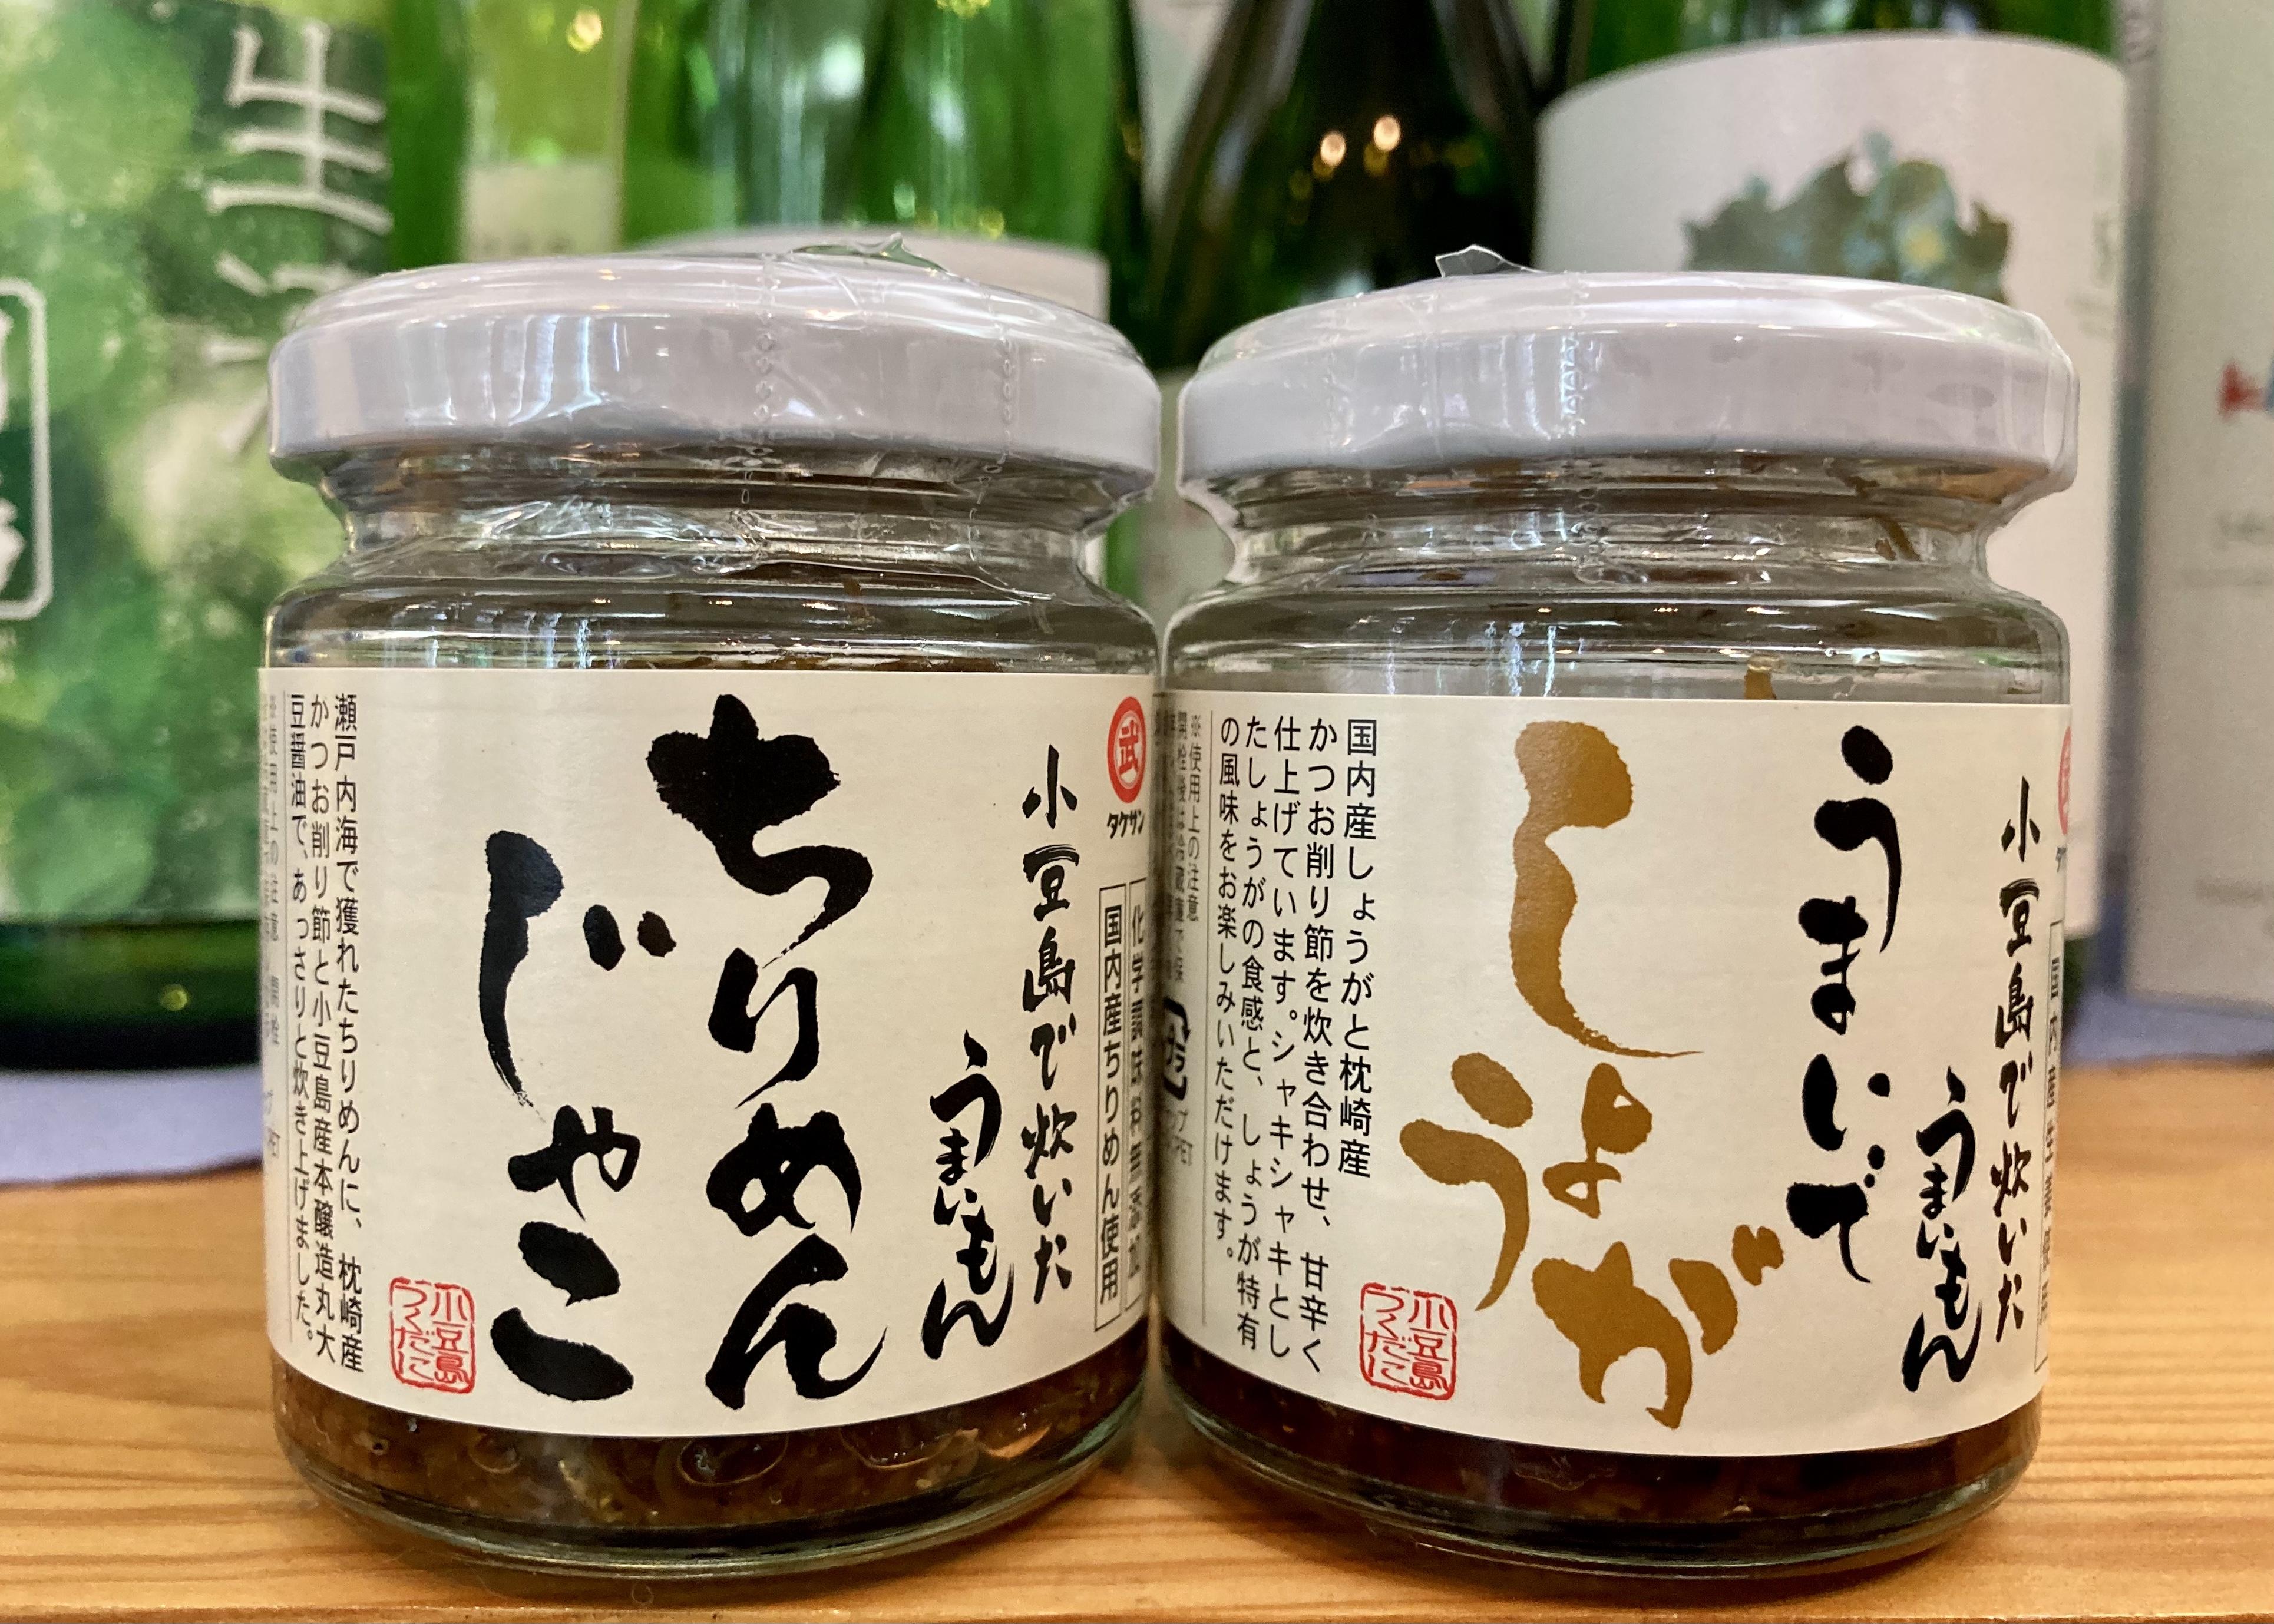 小豆島【タケサンフーズ】さんの… 『小豆島で炊いたうまいもん〈ちりめんじゃこ〉』